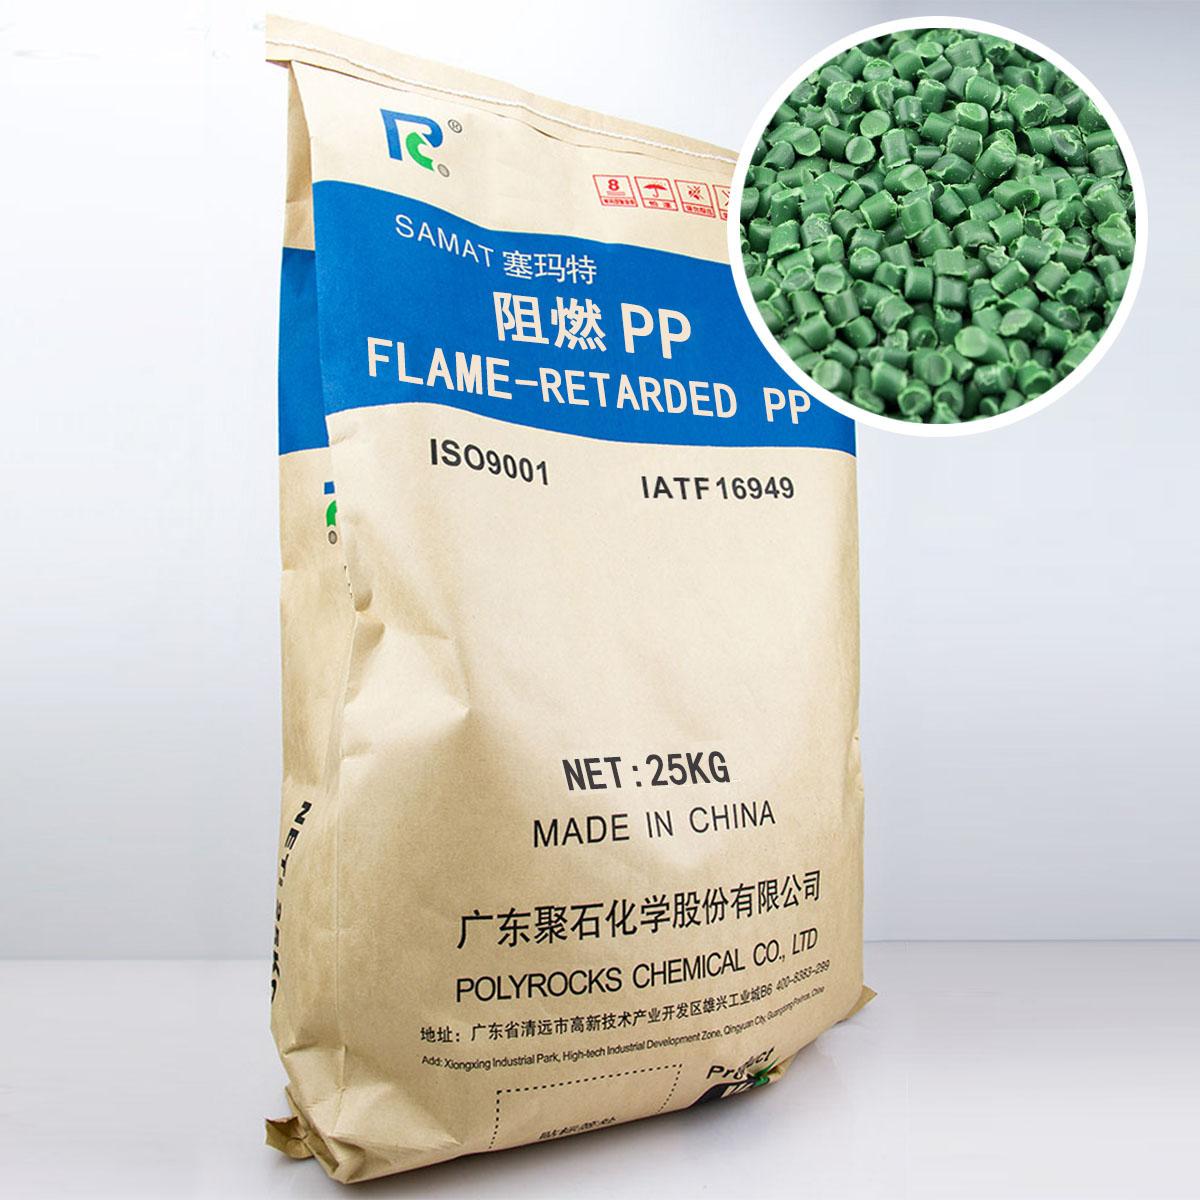 阻燃PP(绿色粒子)